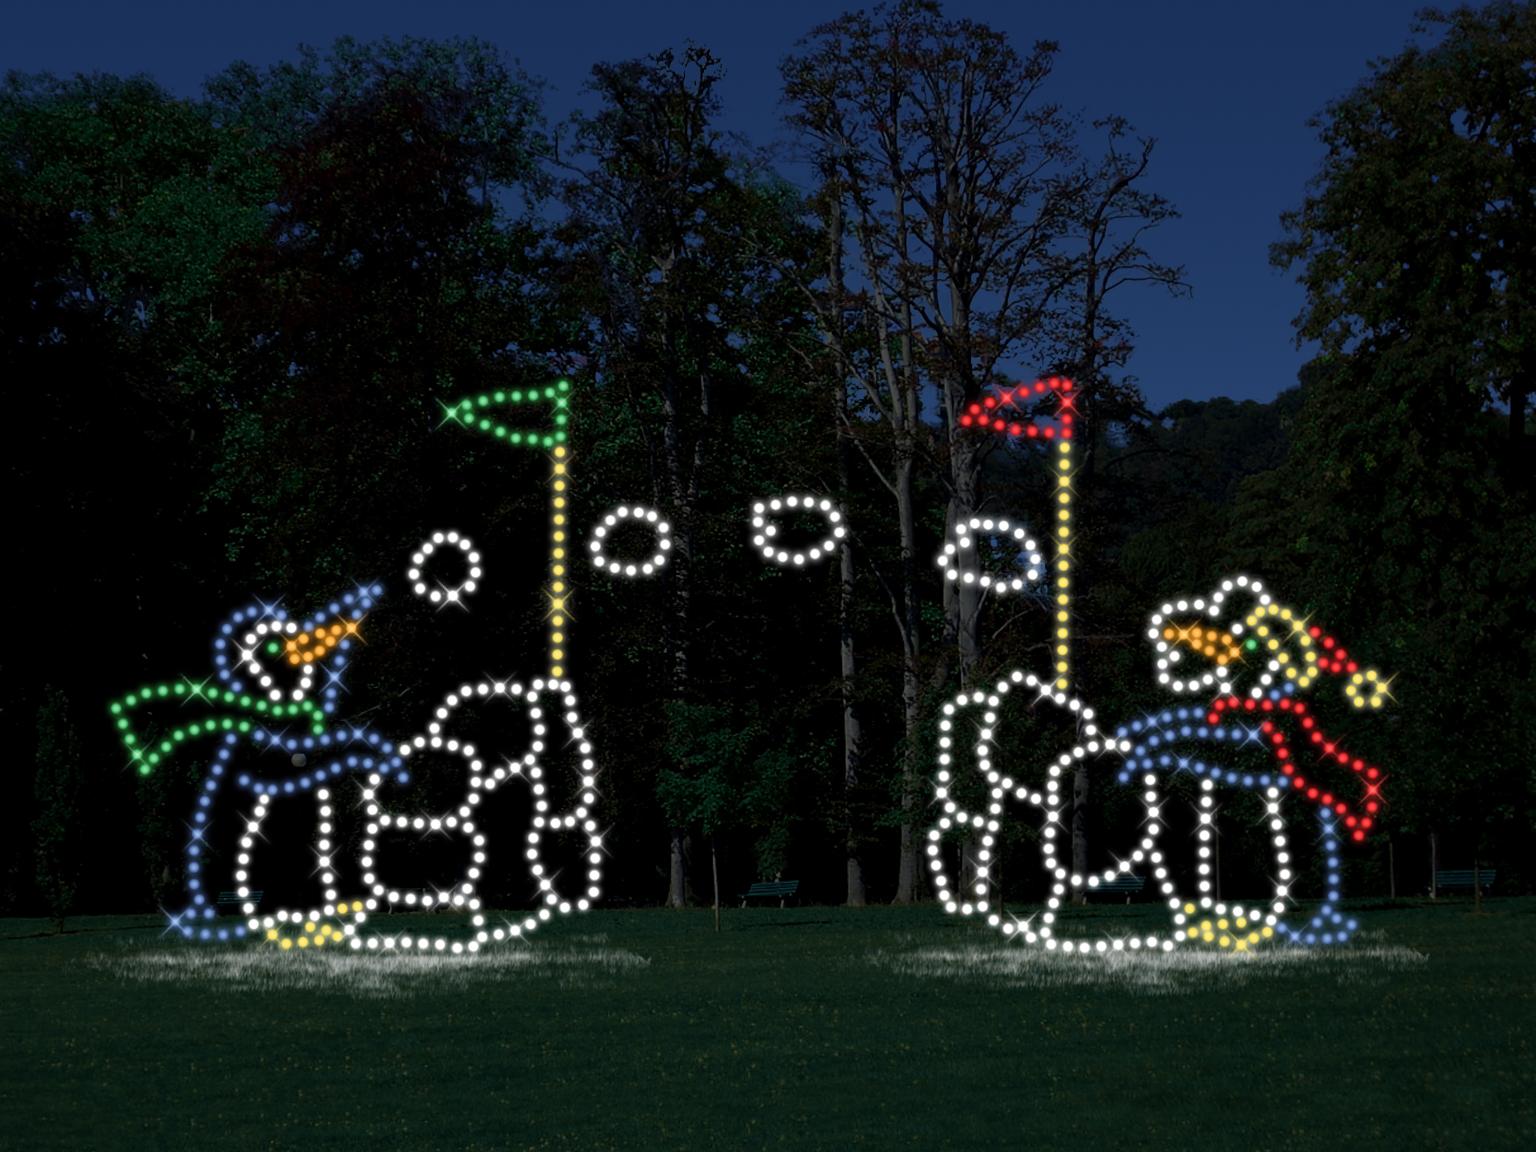 Shipshewana's Gift of Lights